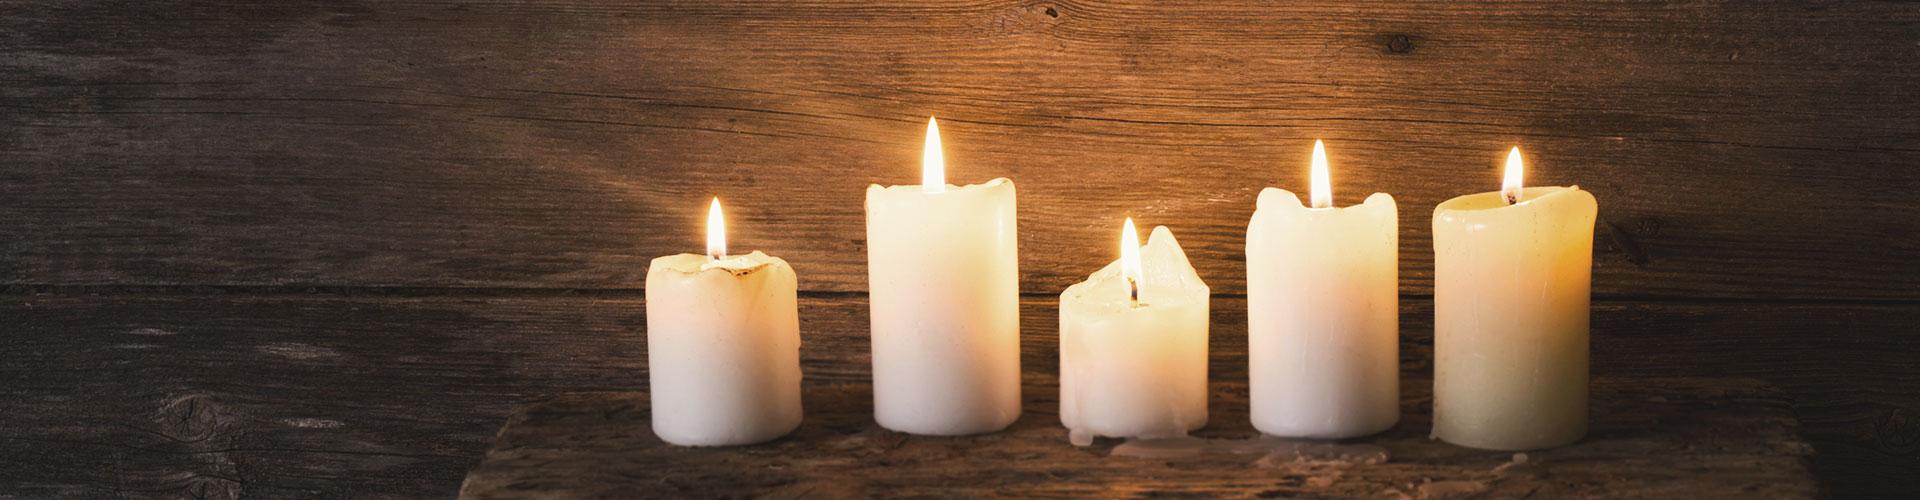 Brennende Kerzen vor einem dunklen Hintergrund